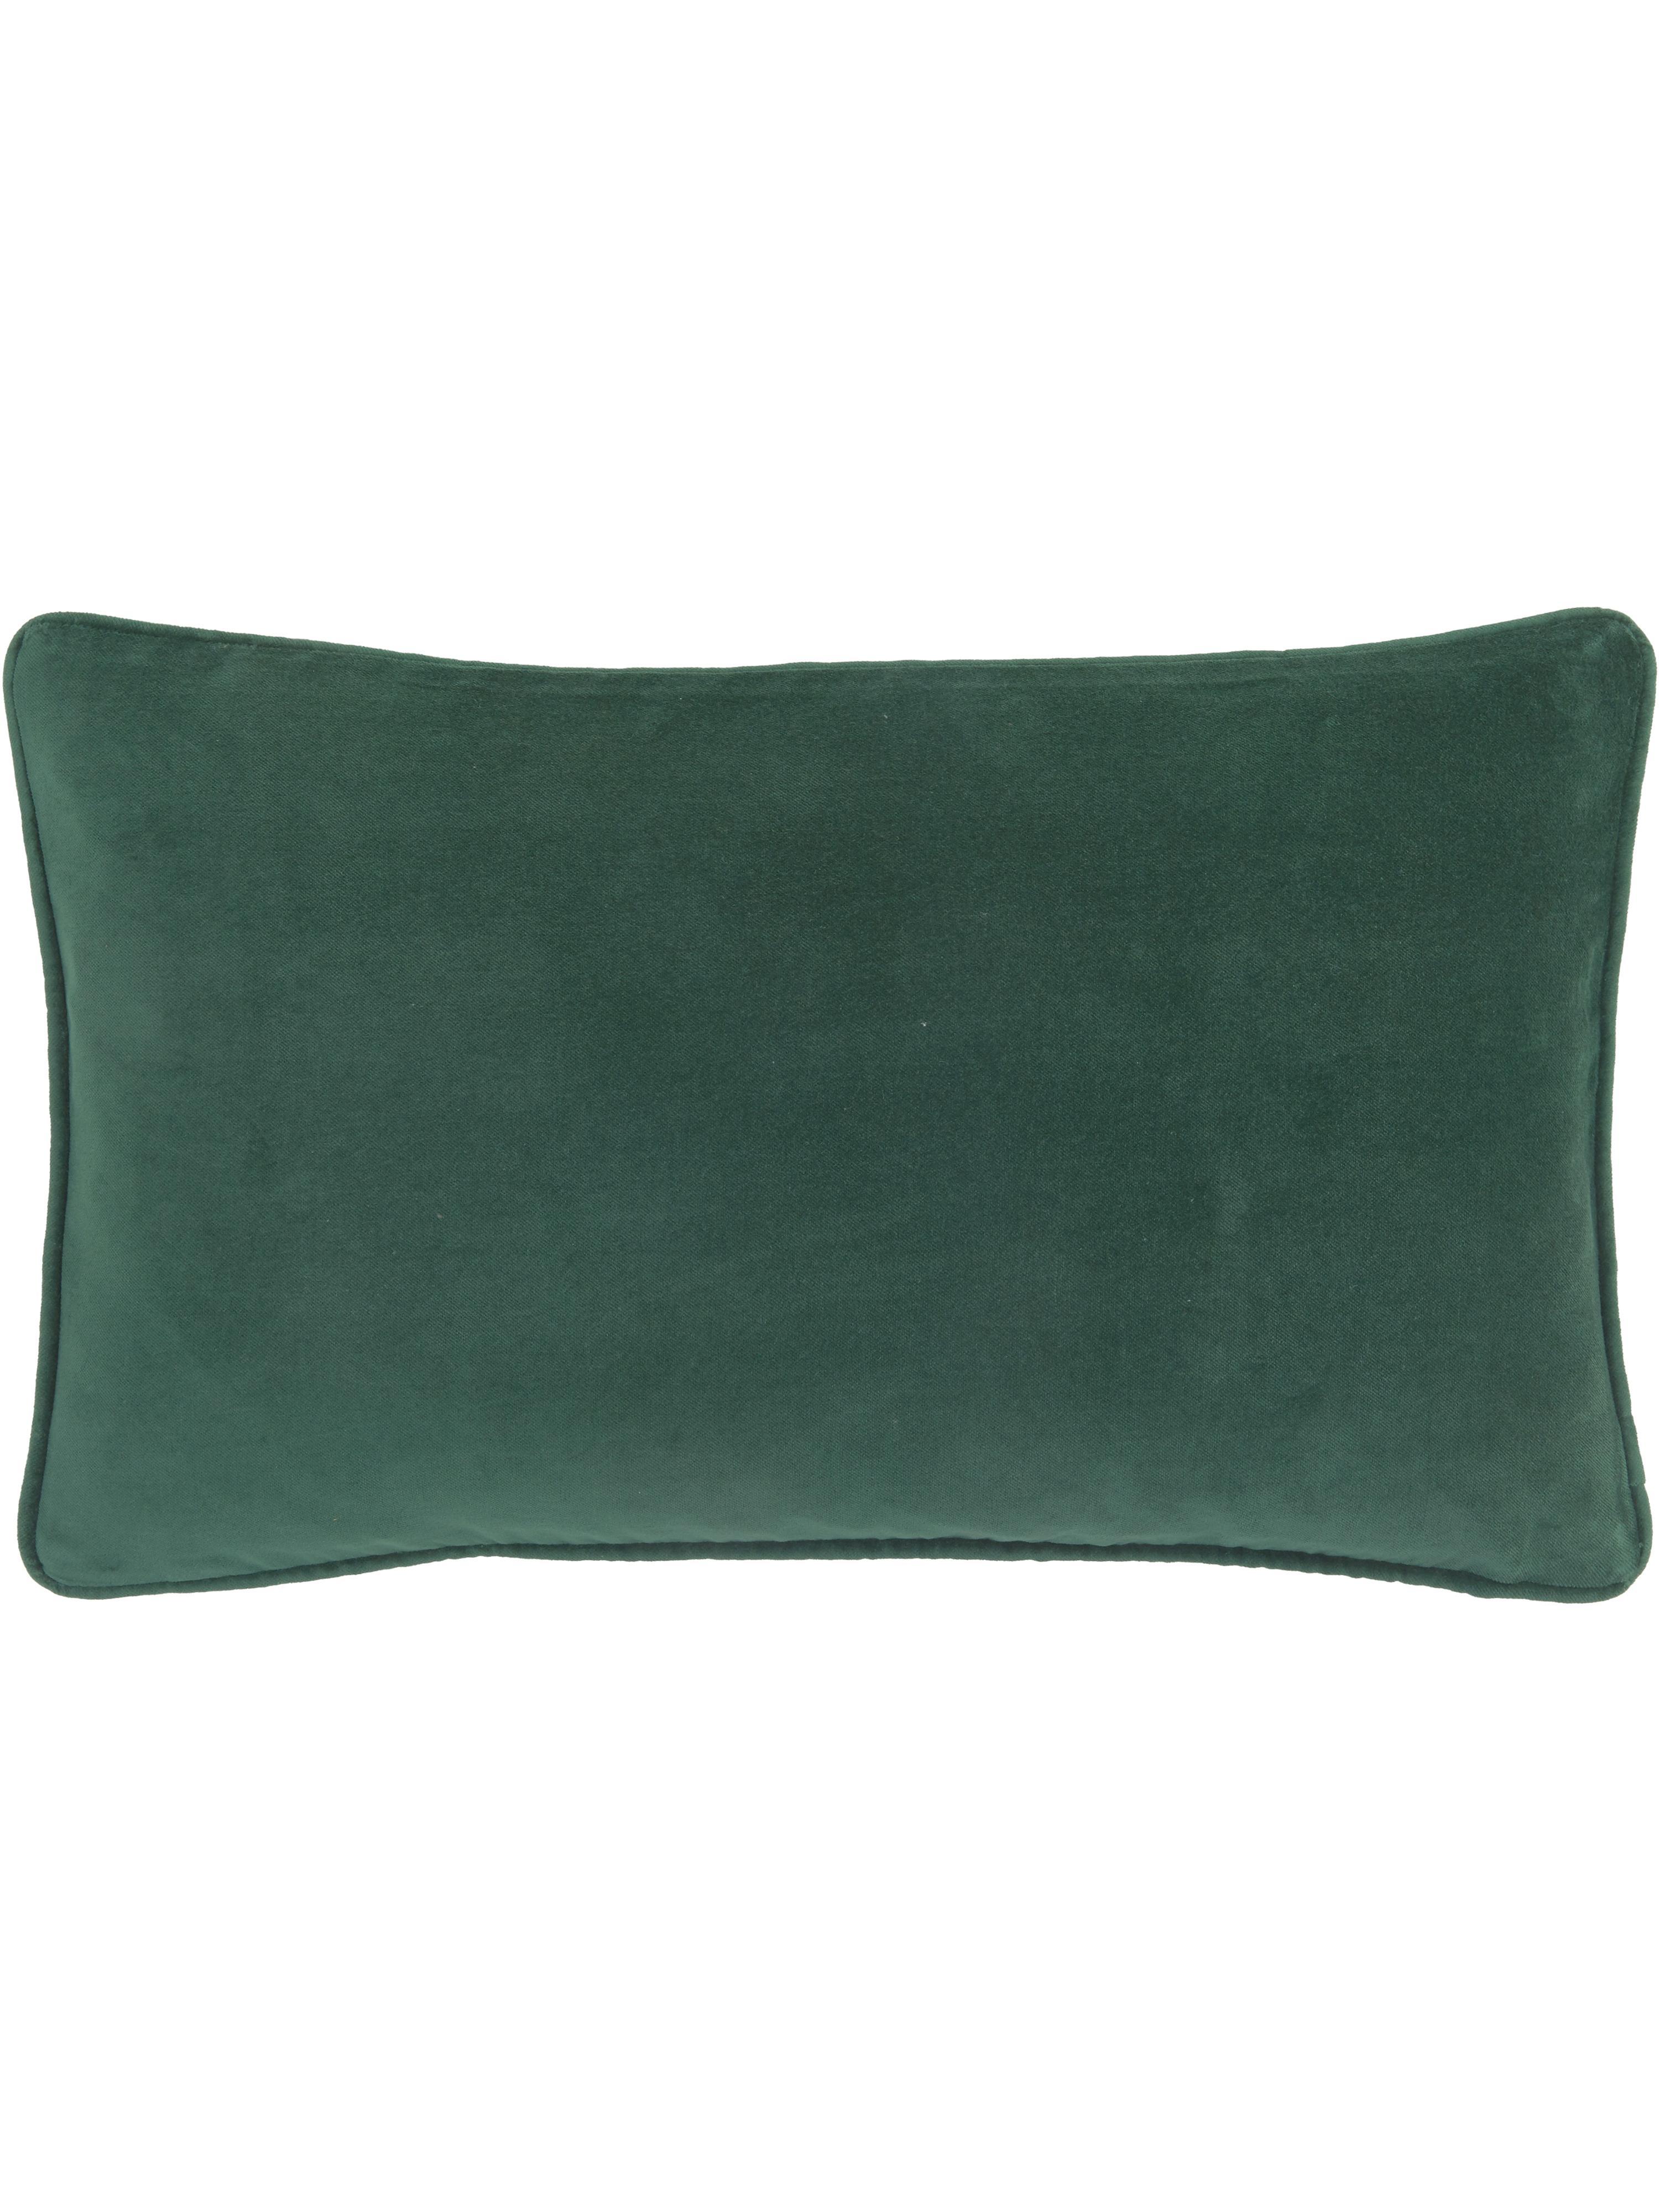 Funda de cojín de terciopelo Dana, 100%terciopelo, Verde esmeralda, An 30 x L 50 cm